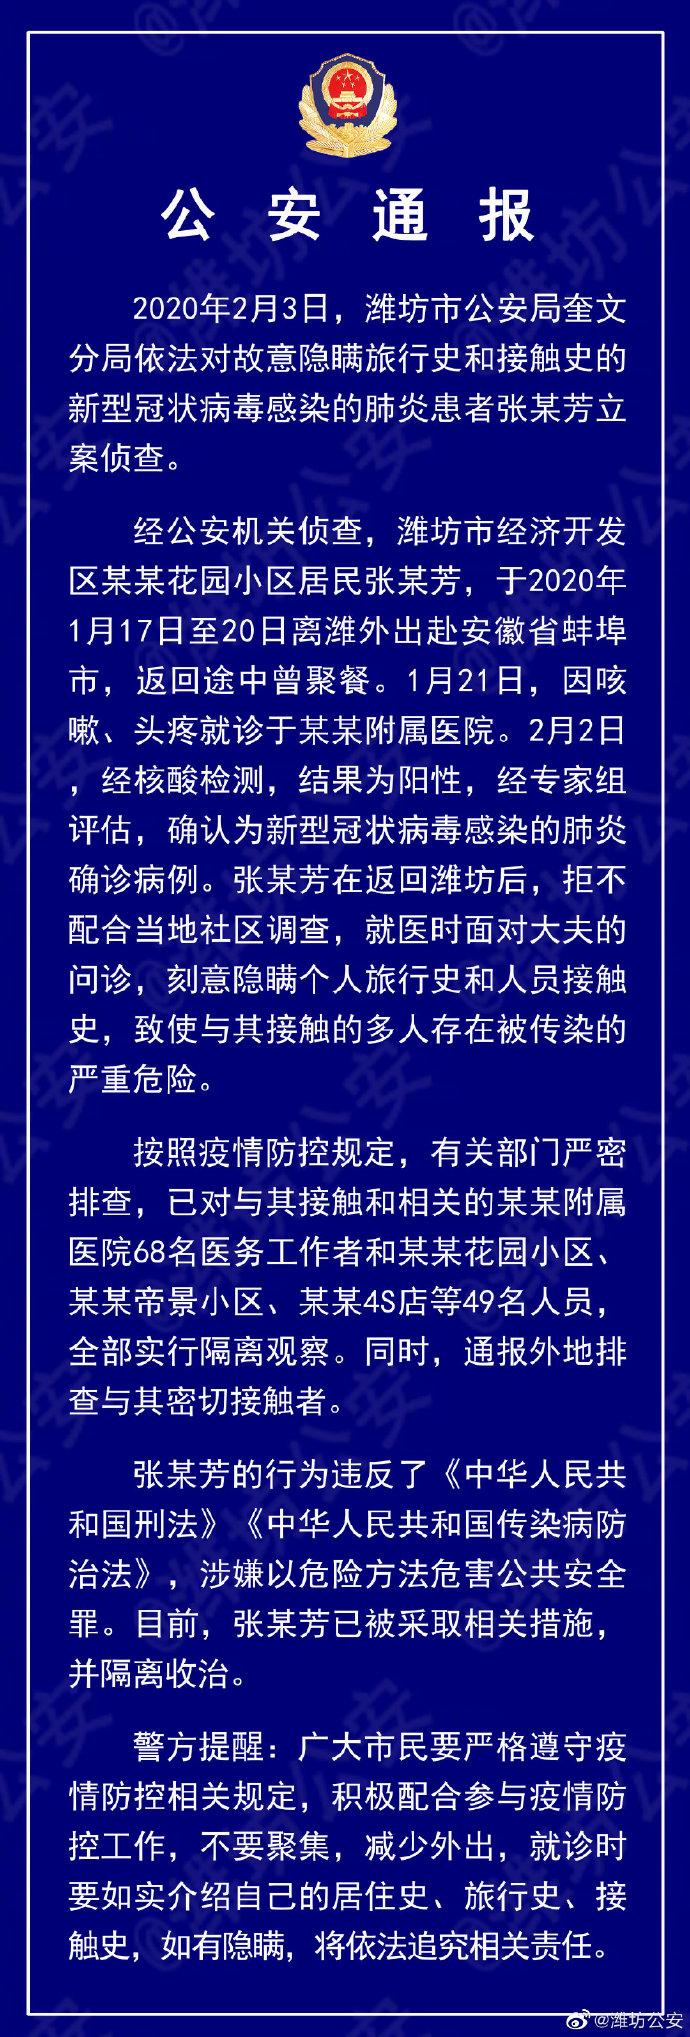 確診(zhen)新型肺炎患者隱瞞(man)致68名醫(yi)務(wu)人員被隔(ge)離 警(jing)方立案(an)